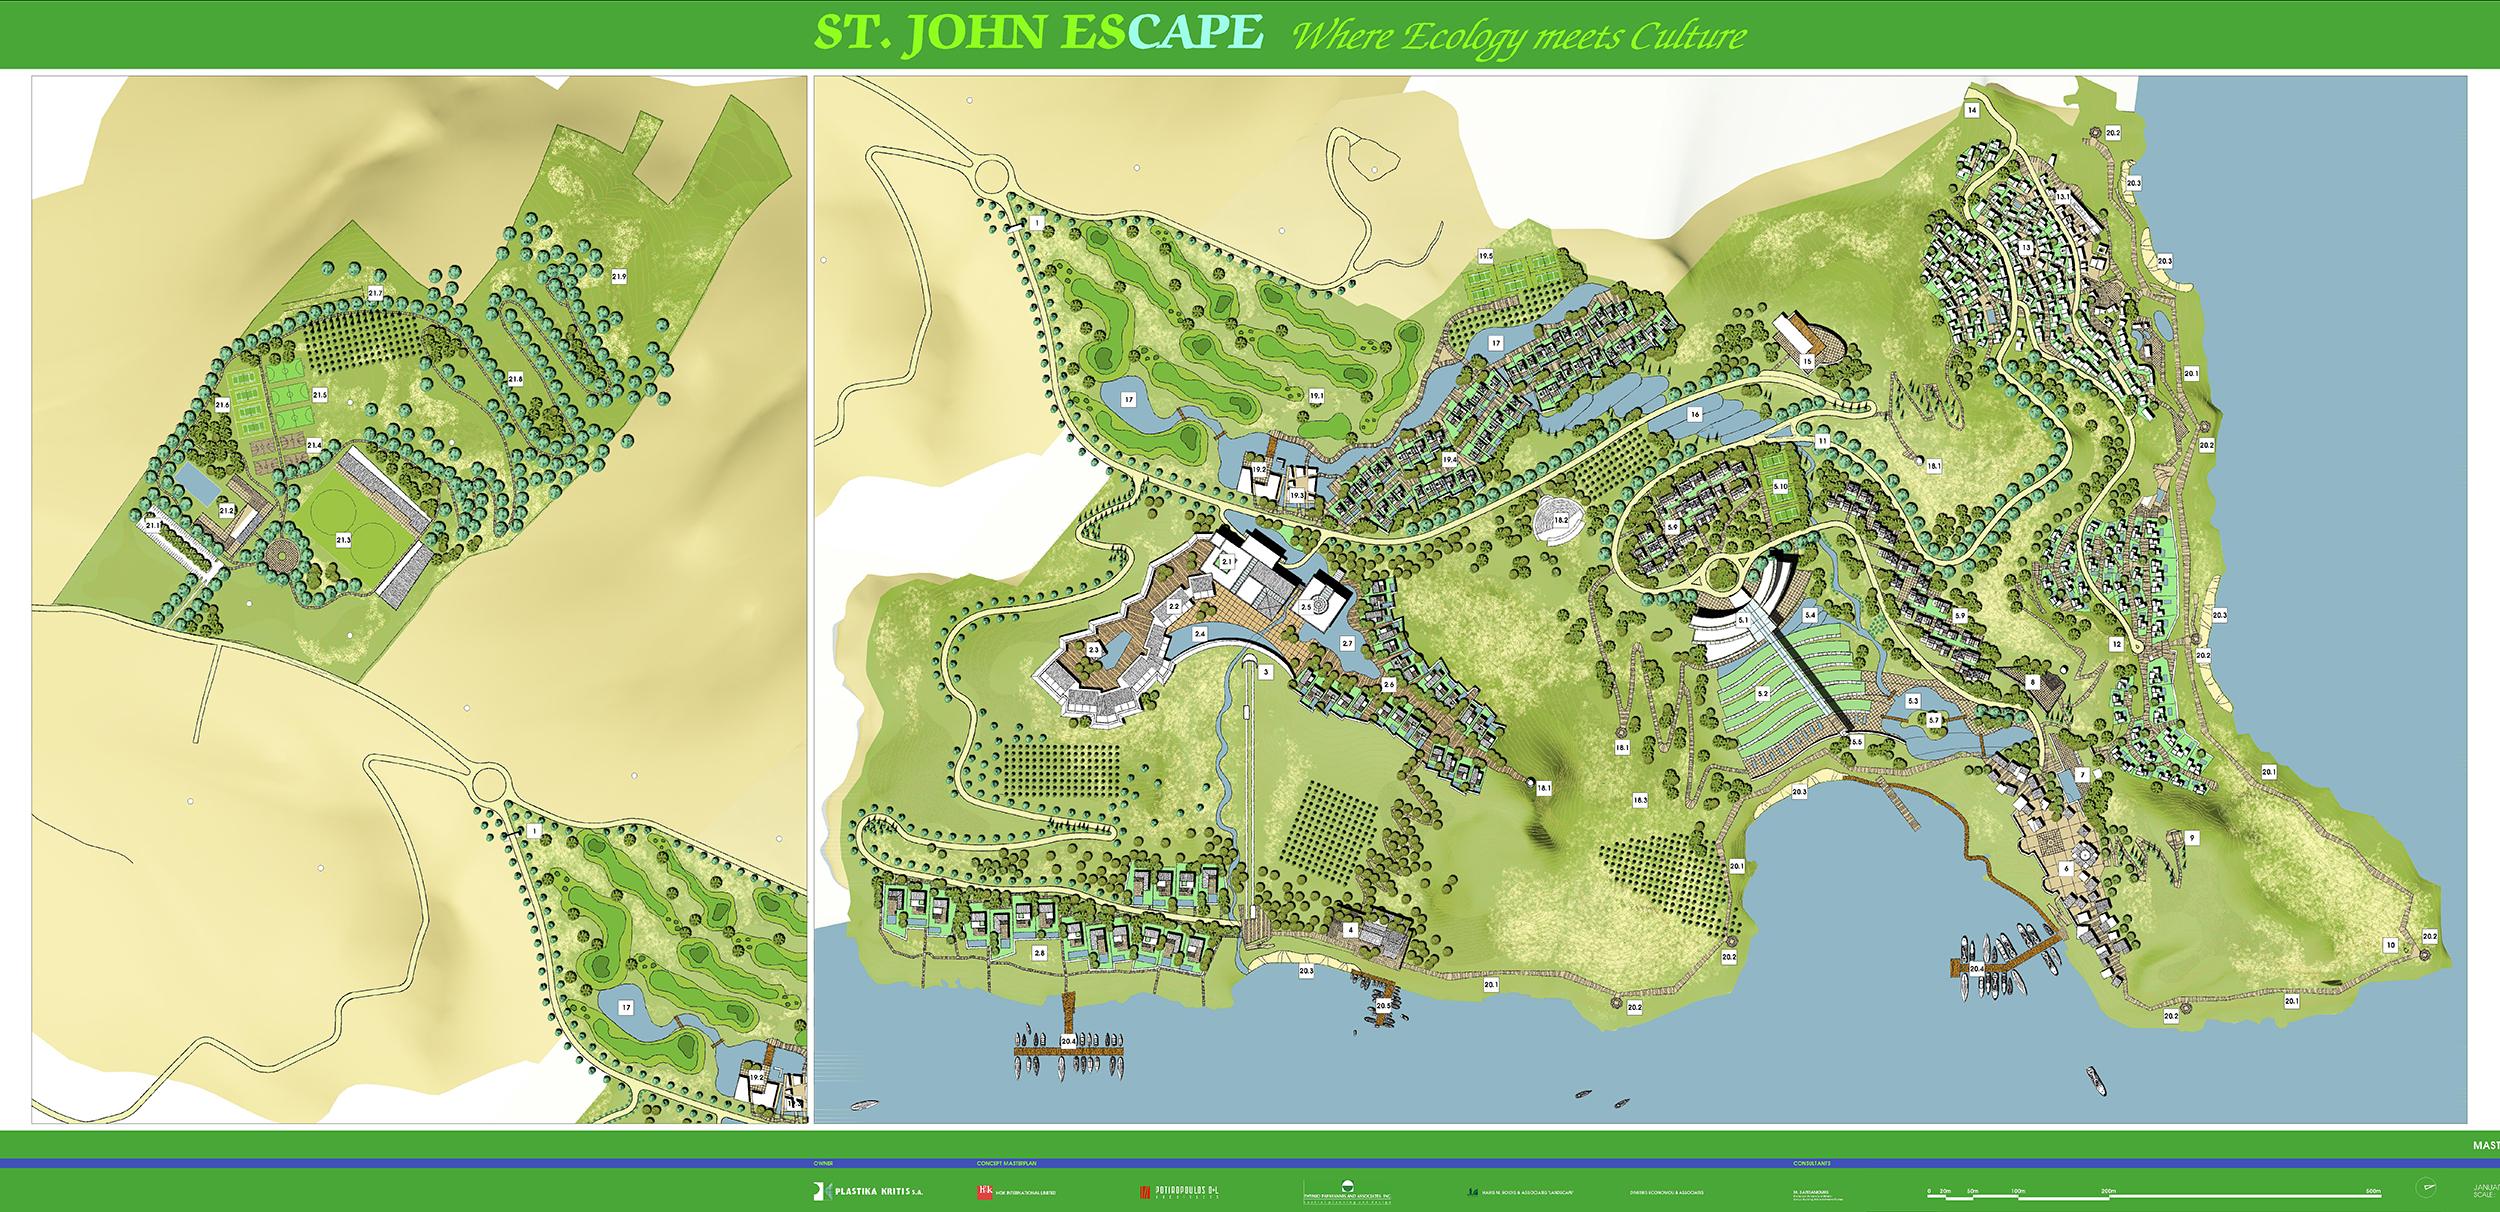 ST. JOHN ESCAPE